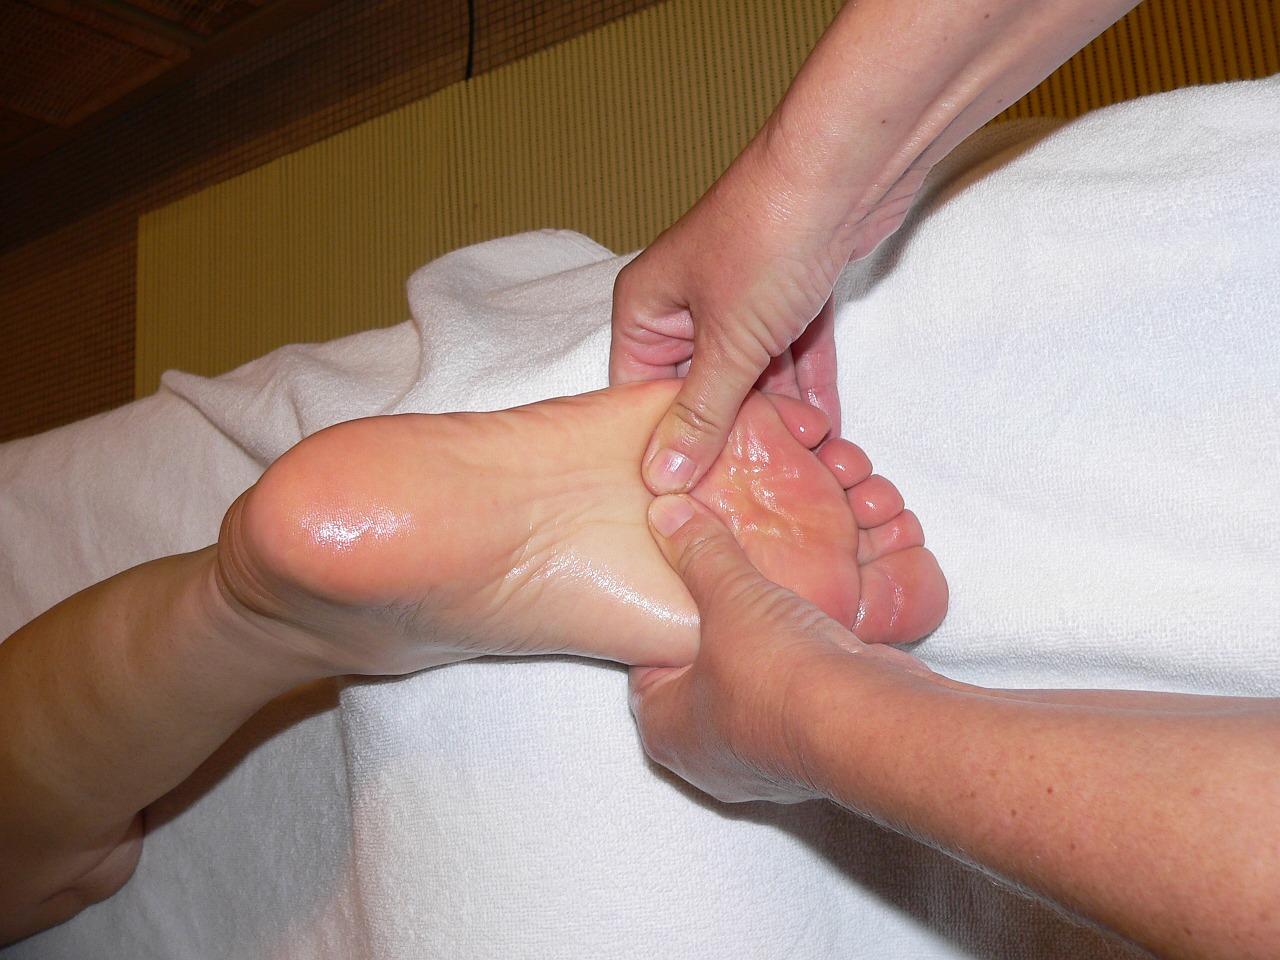 Massage body body, est-ce une pratique légale et à quoi doit-on s'attendre ?